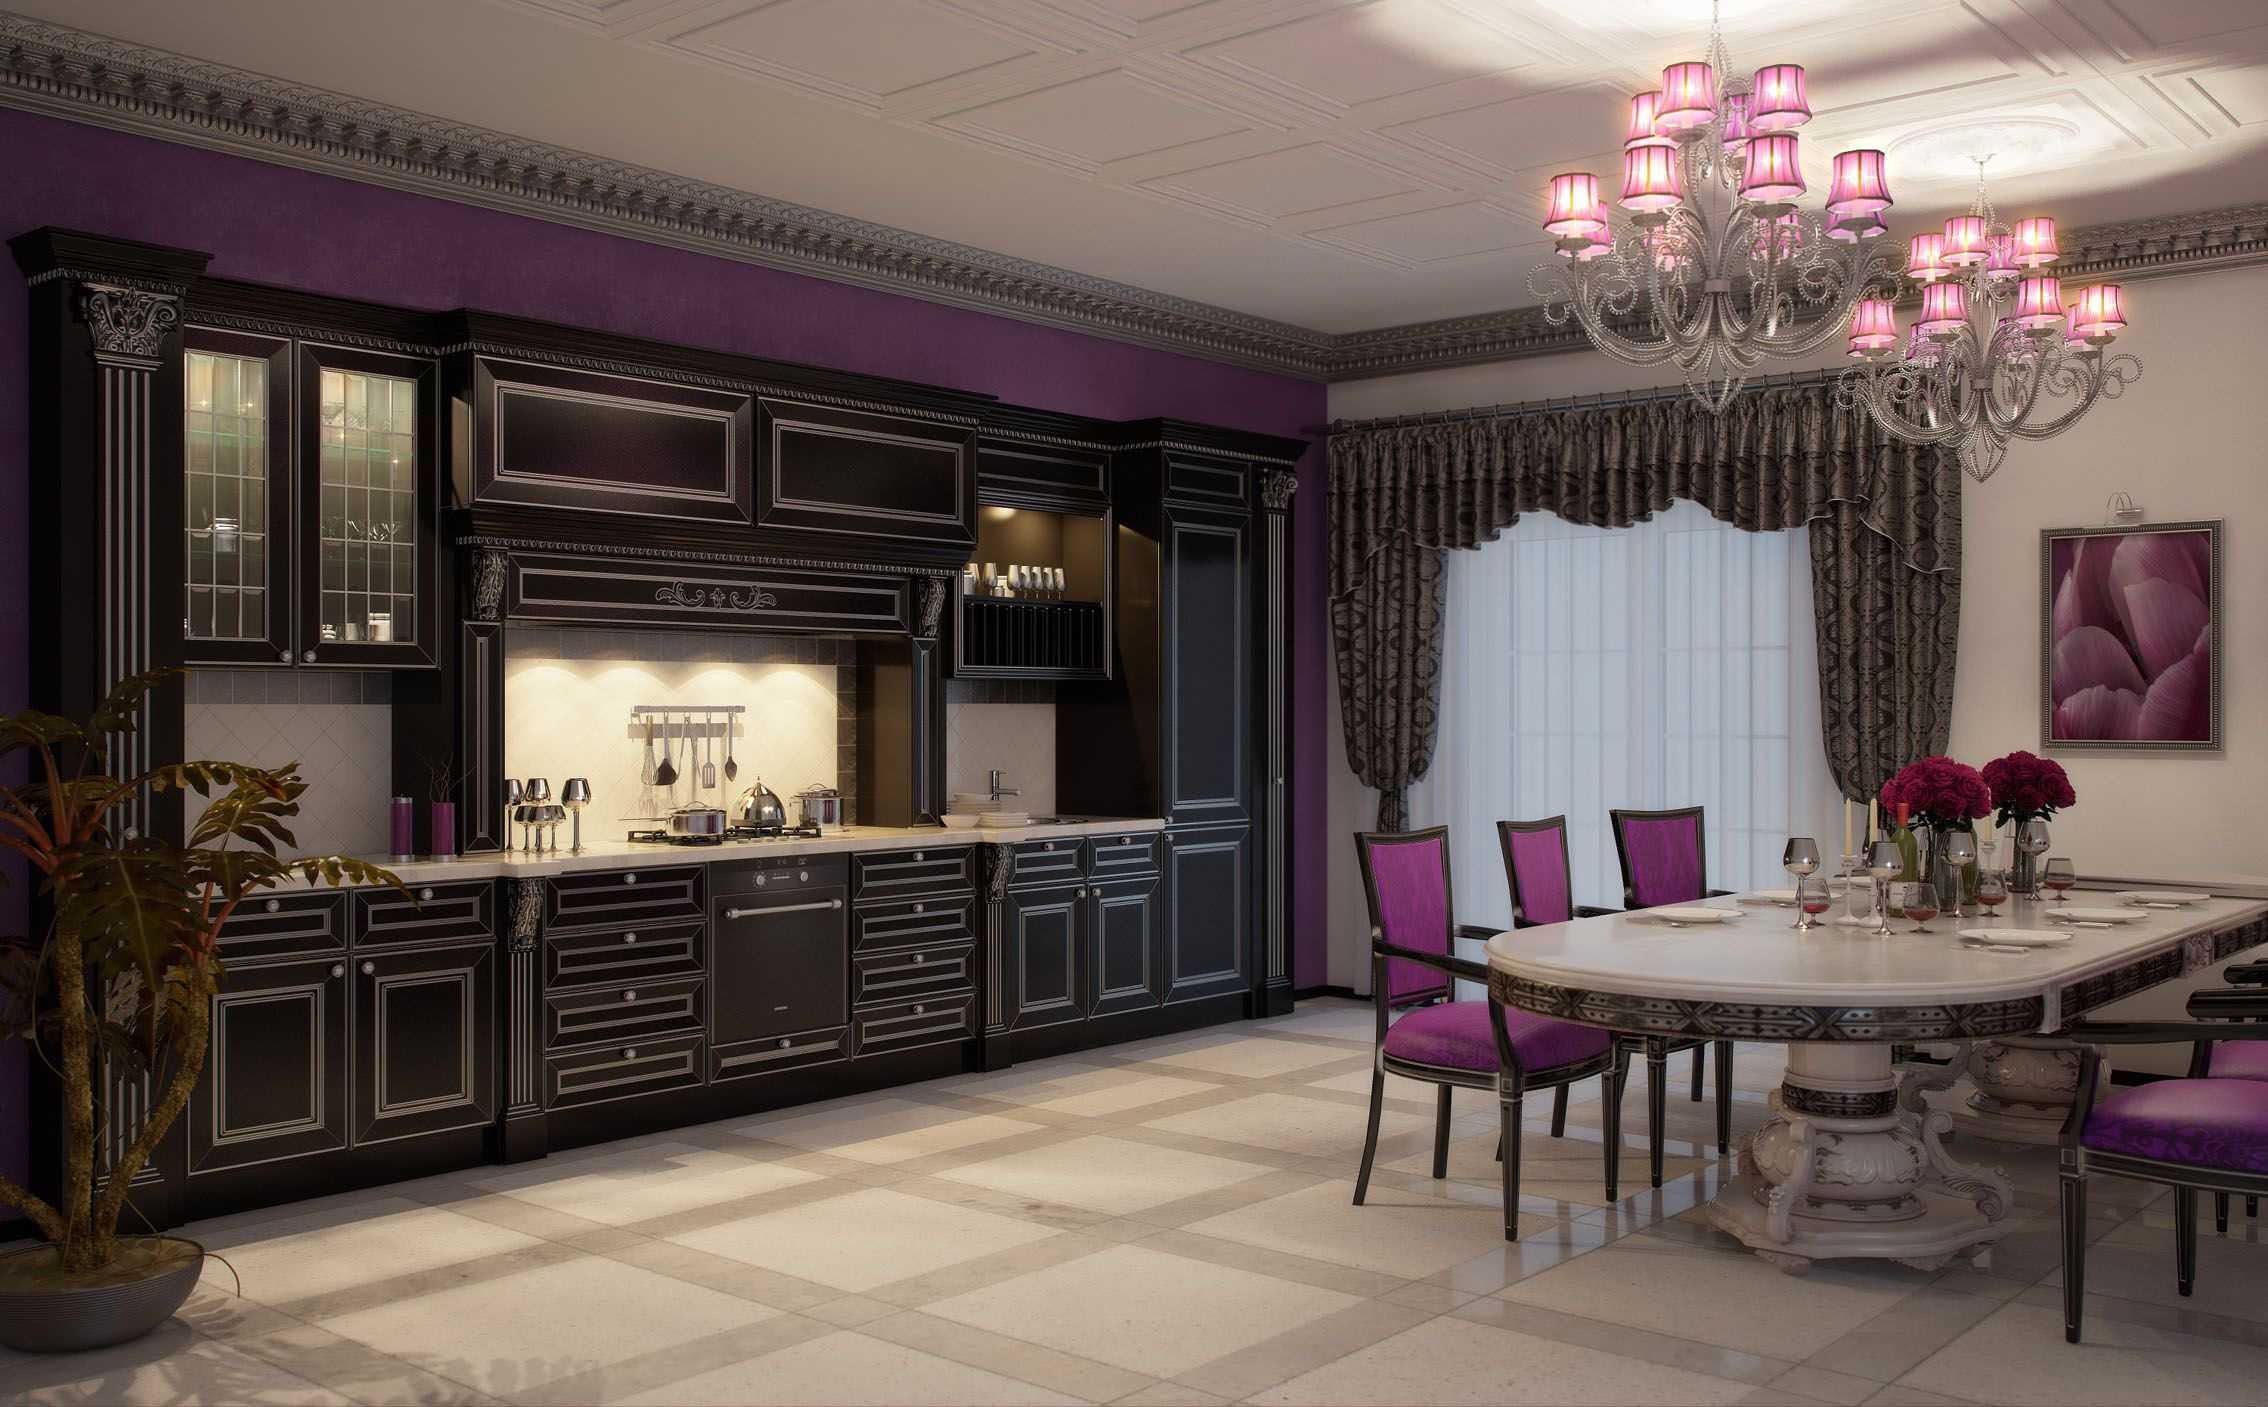 neparasts dzīvojamās istabas dizains Viktorijas laikmeta stilā